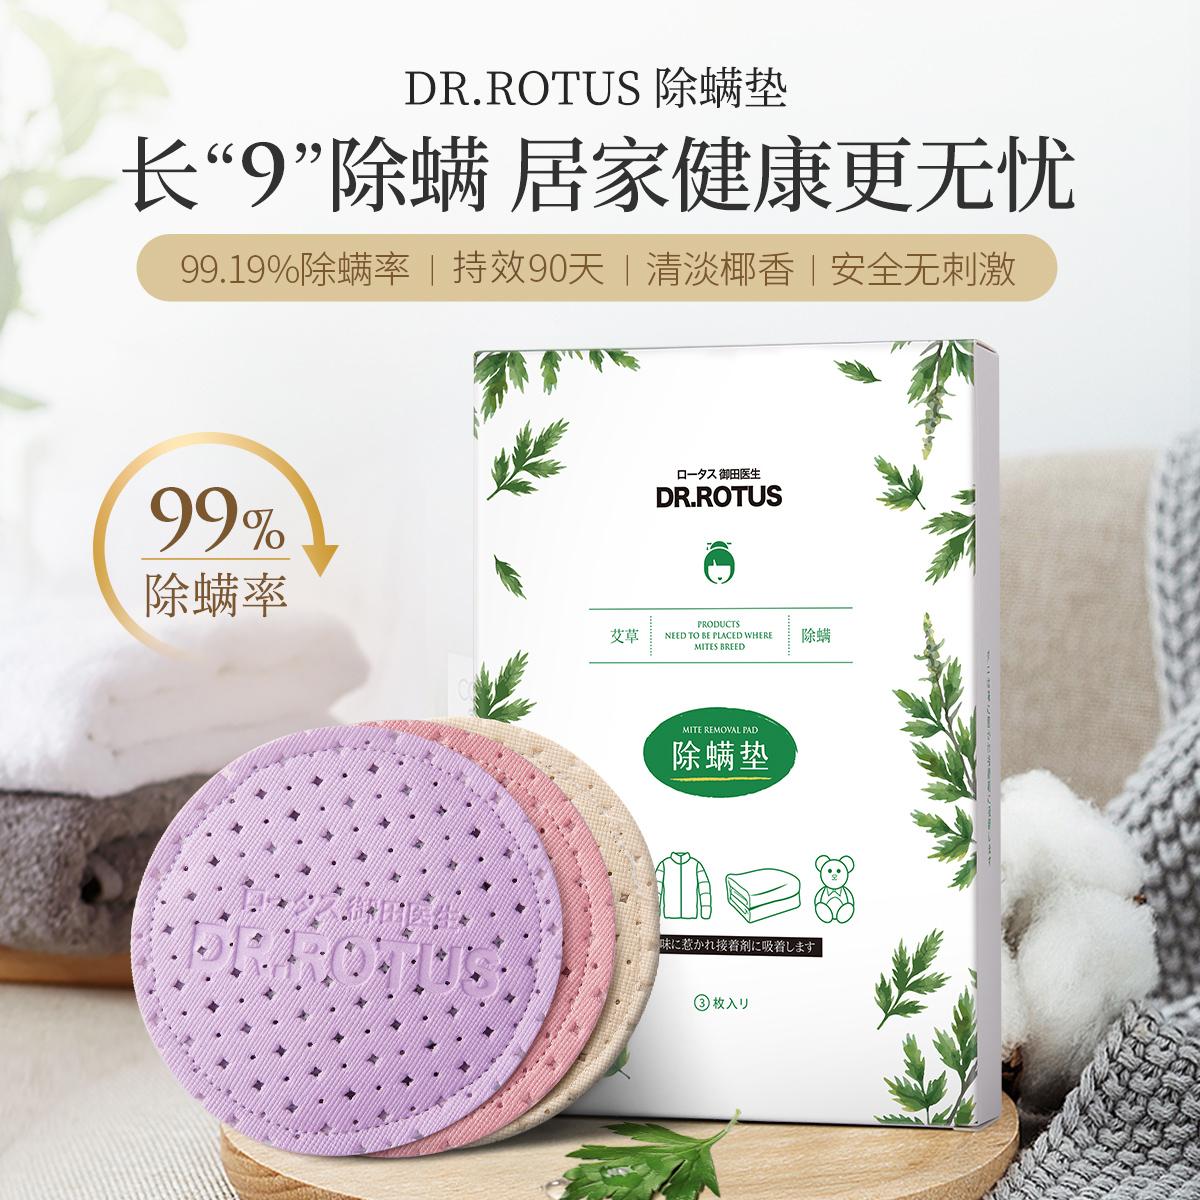 日本除螨包床上家用天然祛螨包螨立净除螨贴去螨虫垫神器螨虫克星